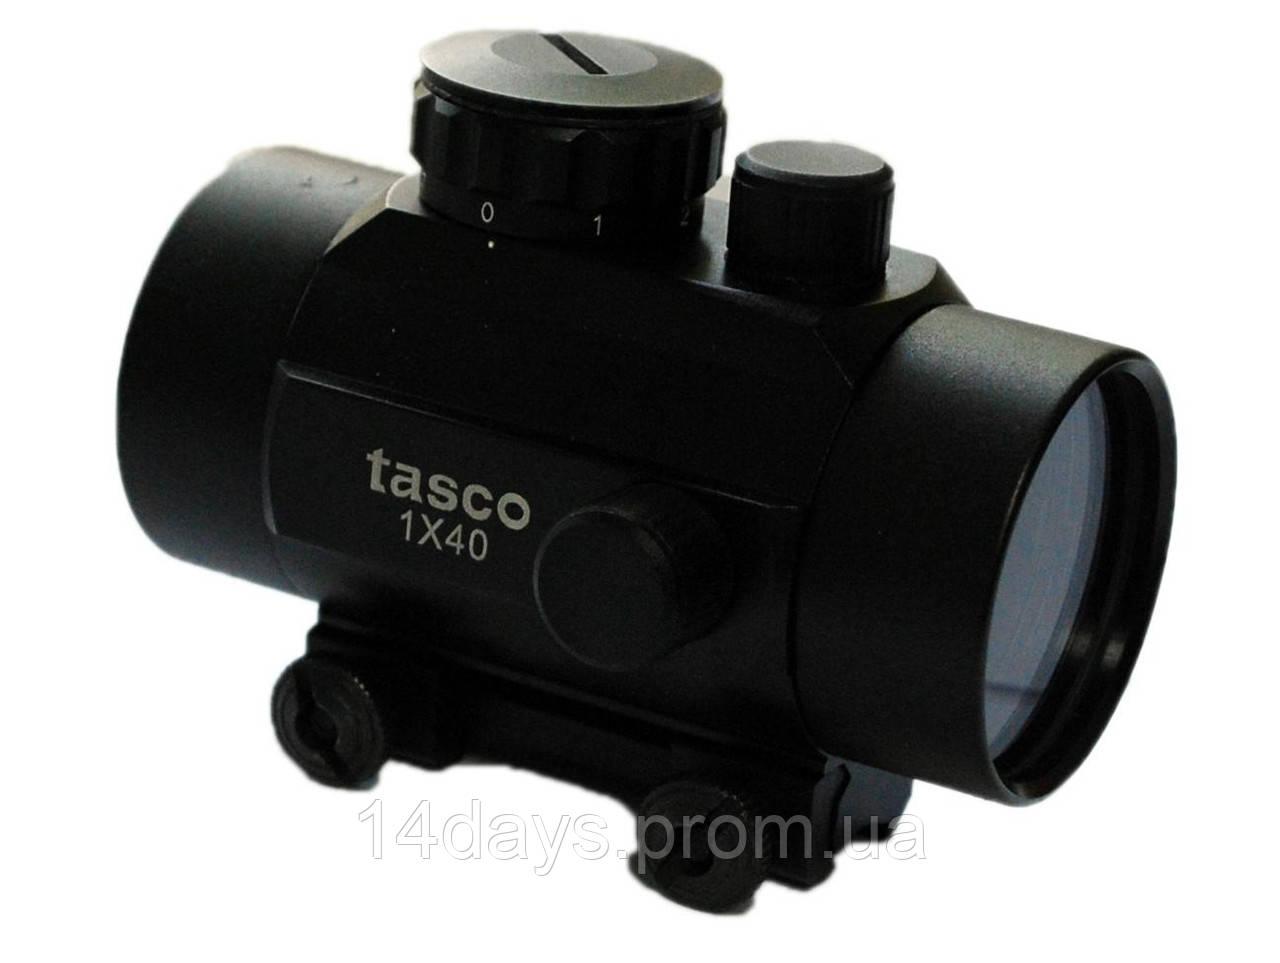 Коллиматорный прицел Tasco 1х40 с креплением 12мм